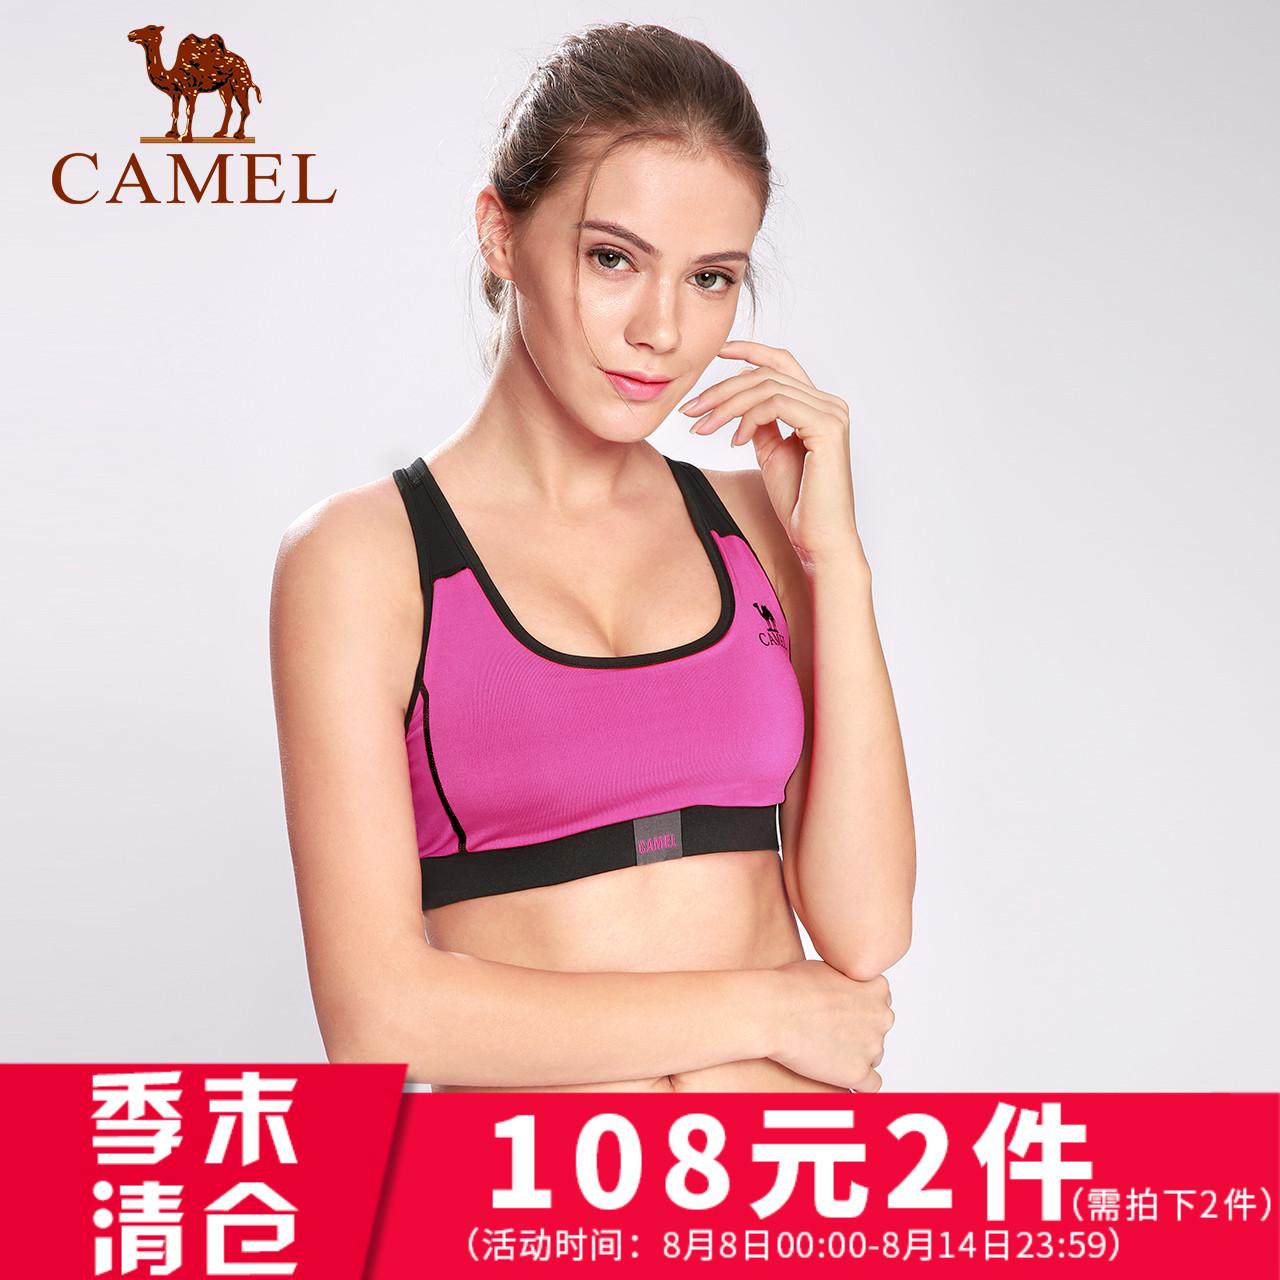 【断码清仓】骆驼运动文胸女 透气舒适瑜伽健身减震工型健身内衣